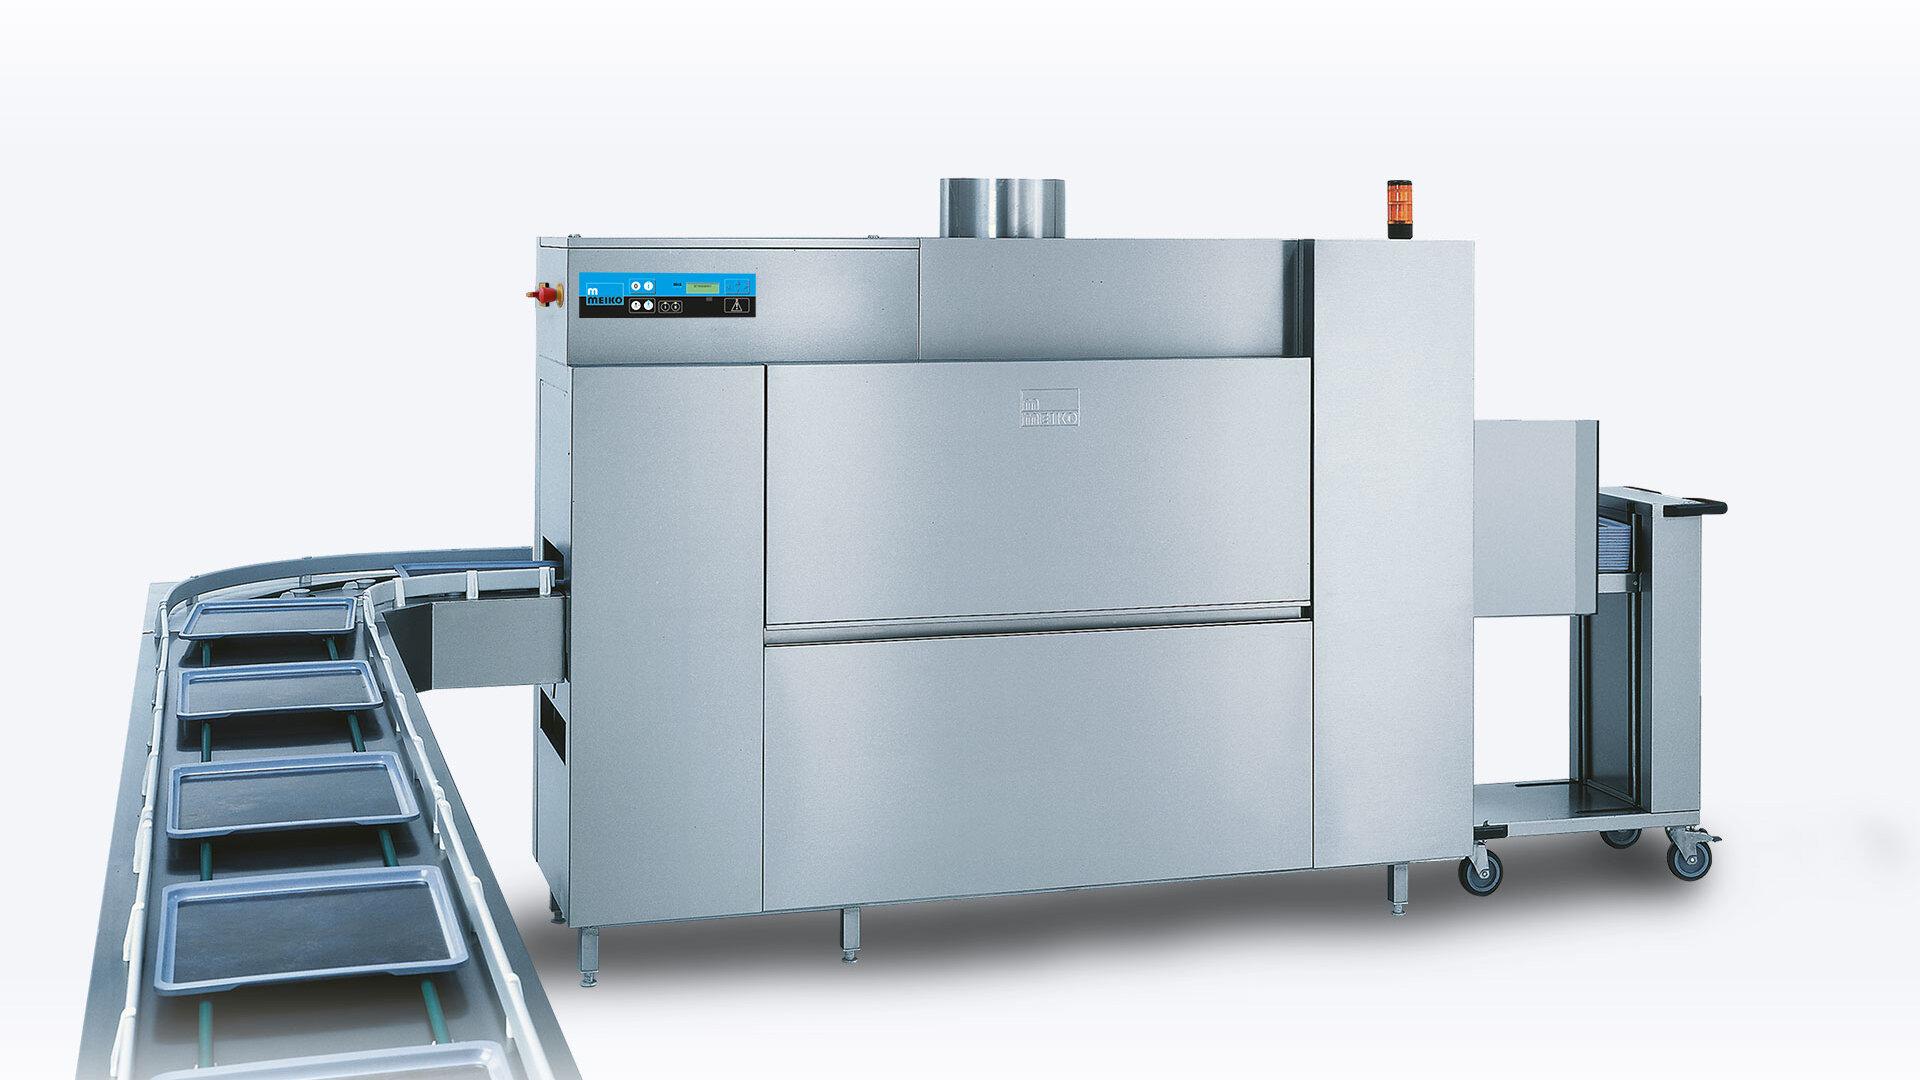 BTA tray dishwasher